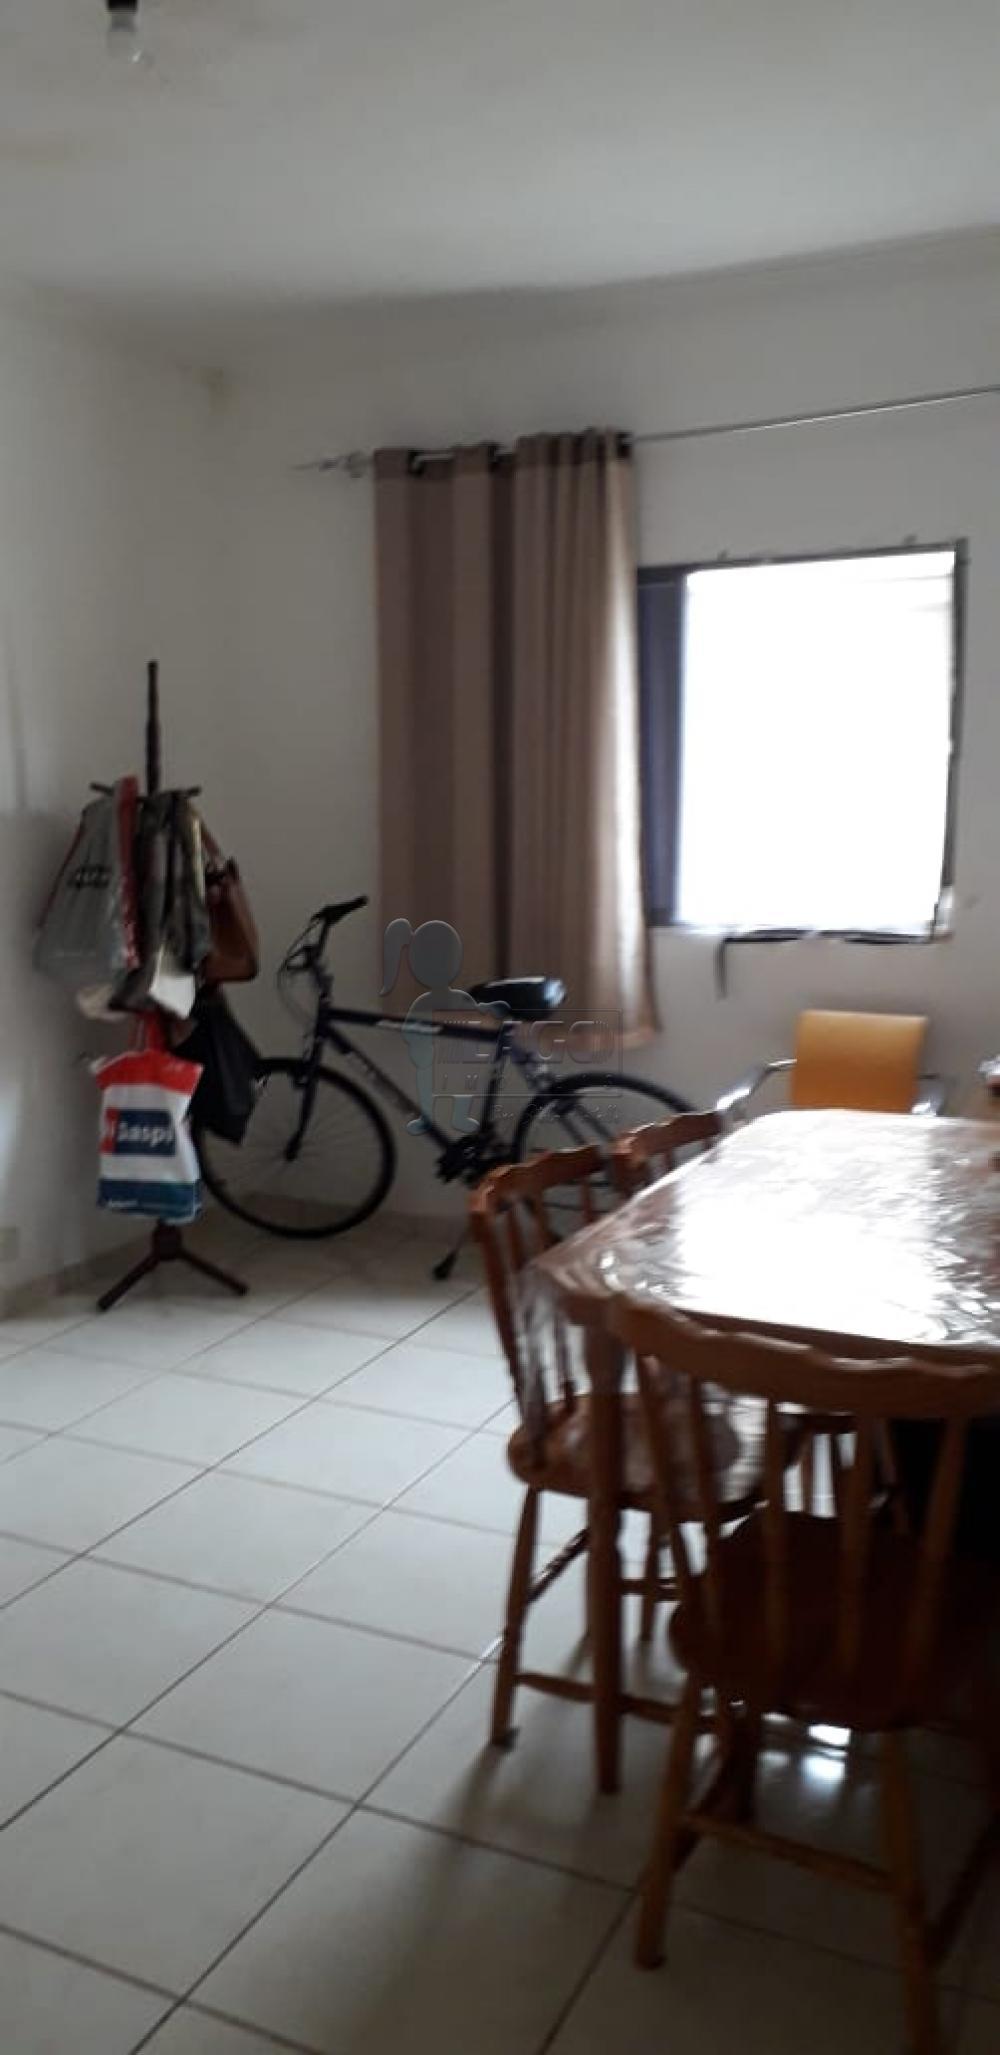 Comprar Apartamento / Padrão em Ribeirão Preto apenas R$ 220.000,00 - Foto 14